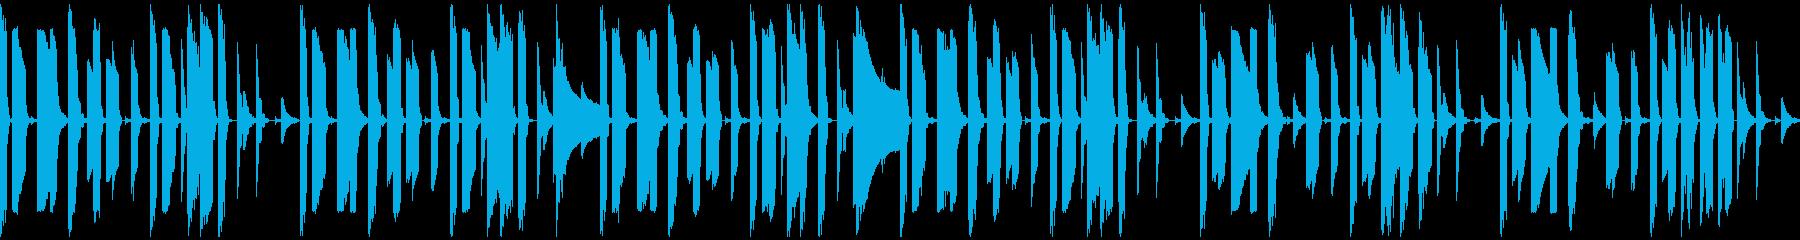 元気な8bitゲーム音楽【ループ素材系】の再生済みの波形